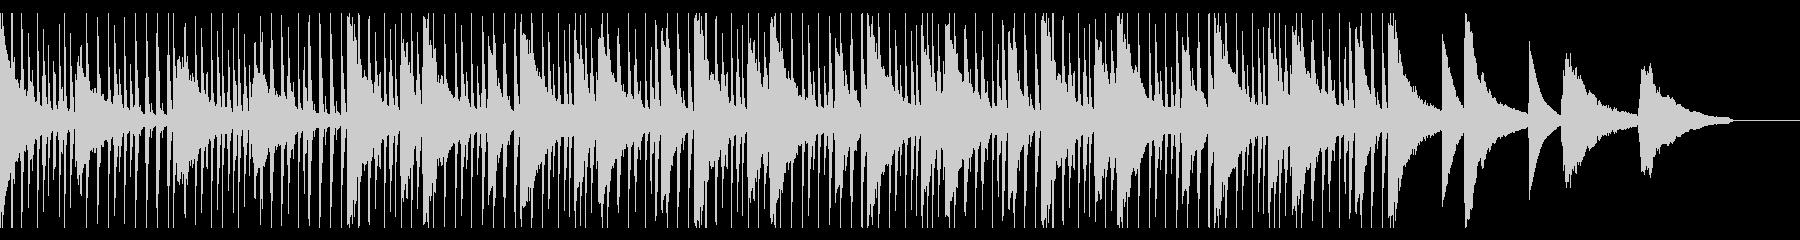 ネオソウル 爽やかソウルフルドラムの未再生の波形